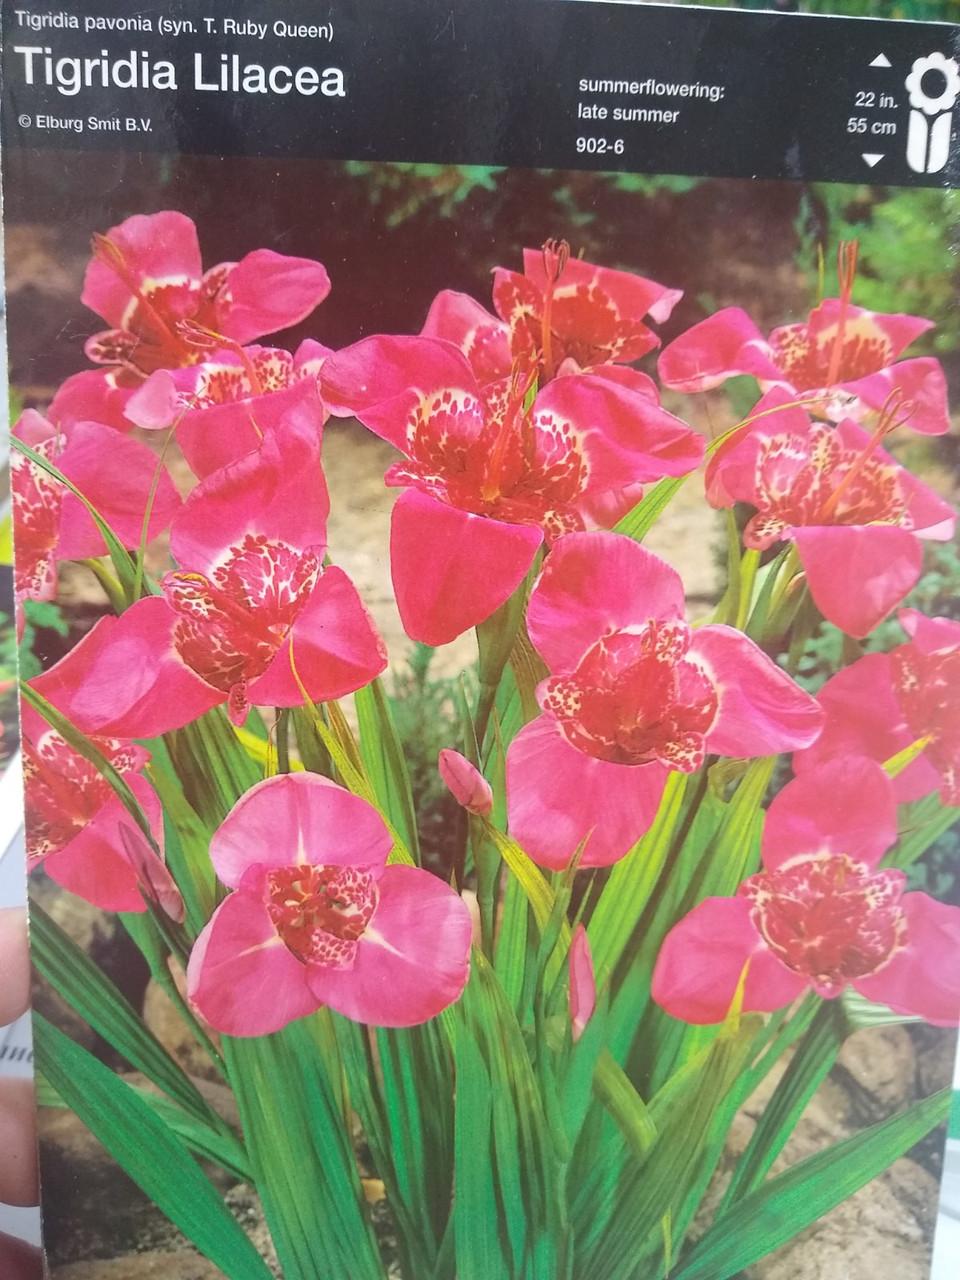 Клубнелуковица Тигридии Лилацея Lilacea розовая многолетняя 1 шт Junior Голландия